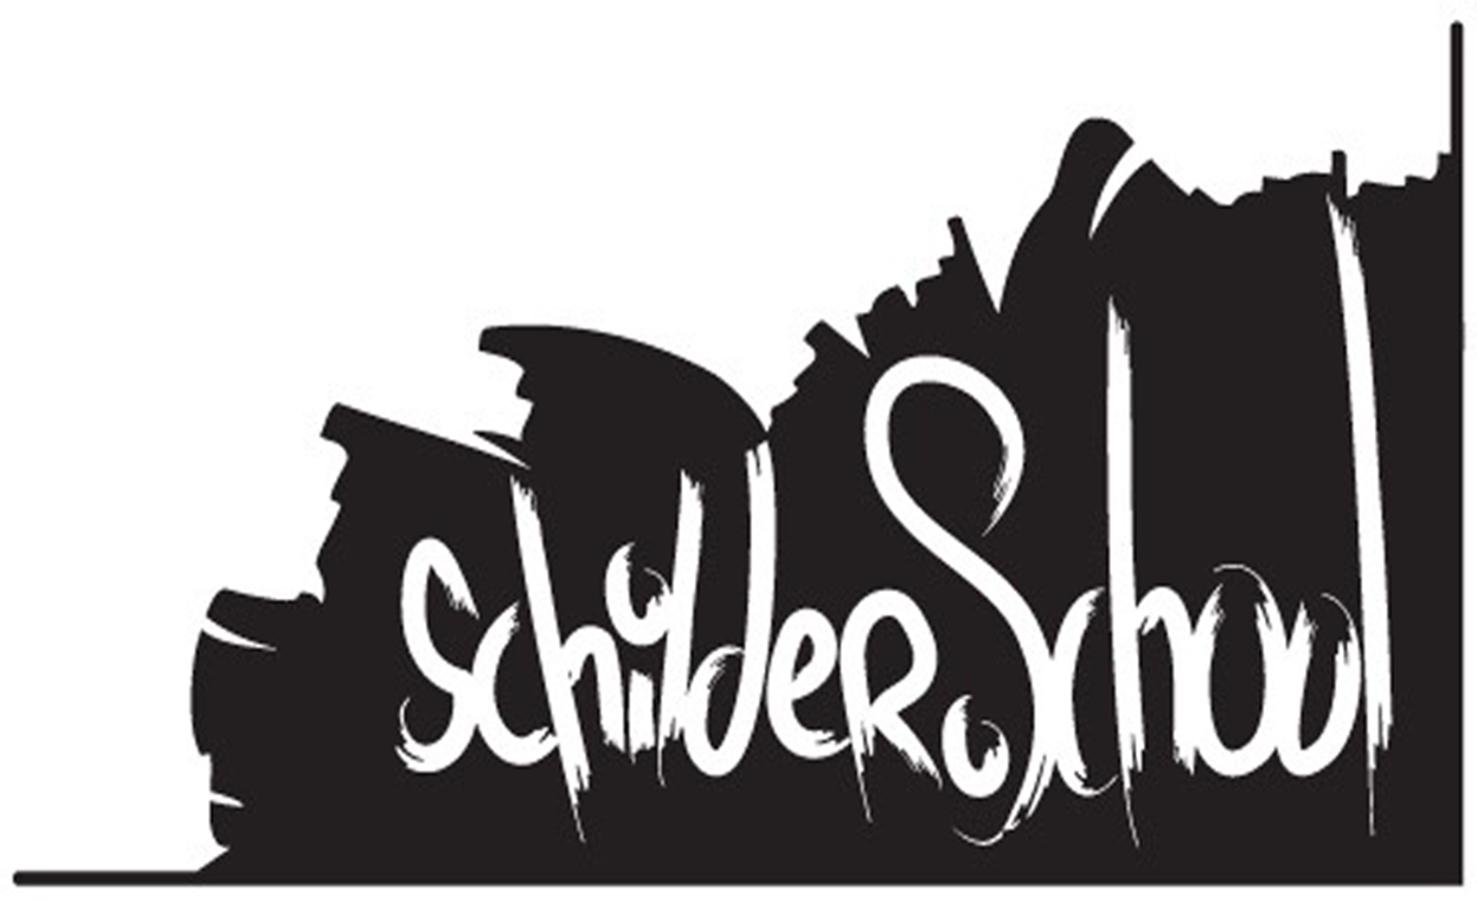 Schilder School